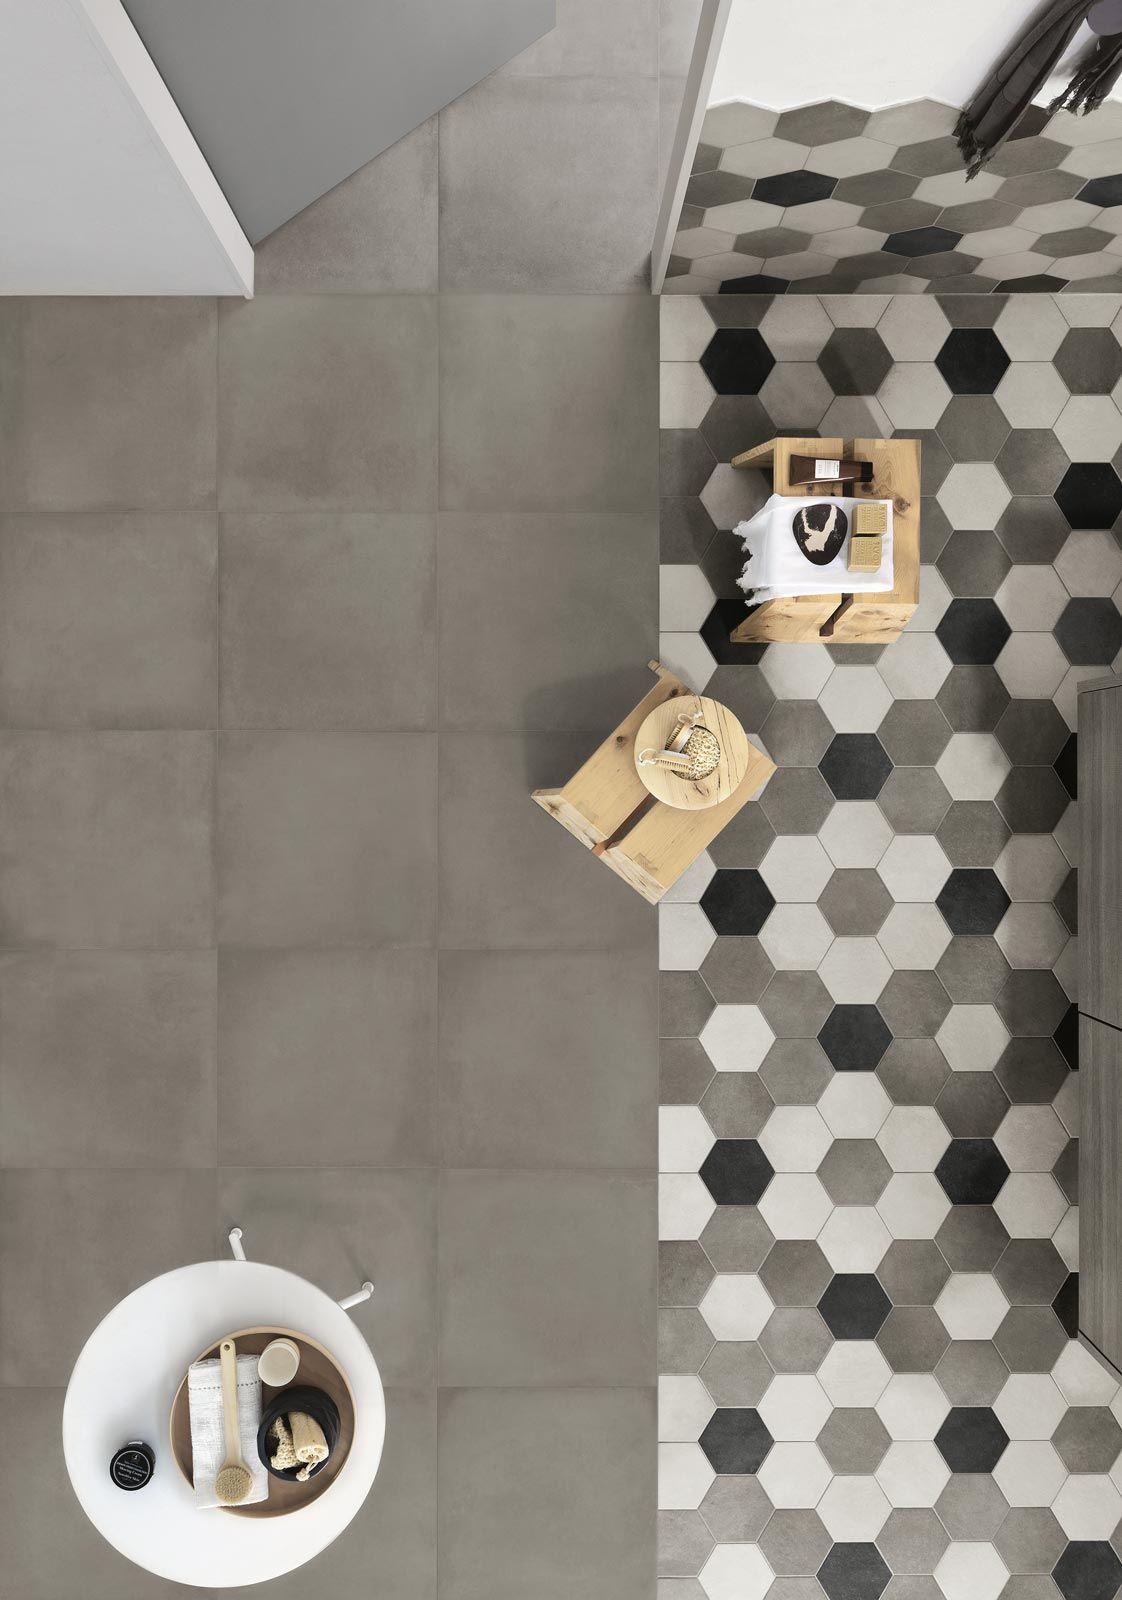 Collezione rewind gres porcellanato effetto cemento ragno pavimenti rivestimenti in 2018 - Piastrelle esagonali gres porcellanato ...